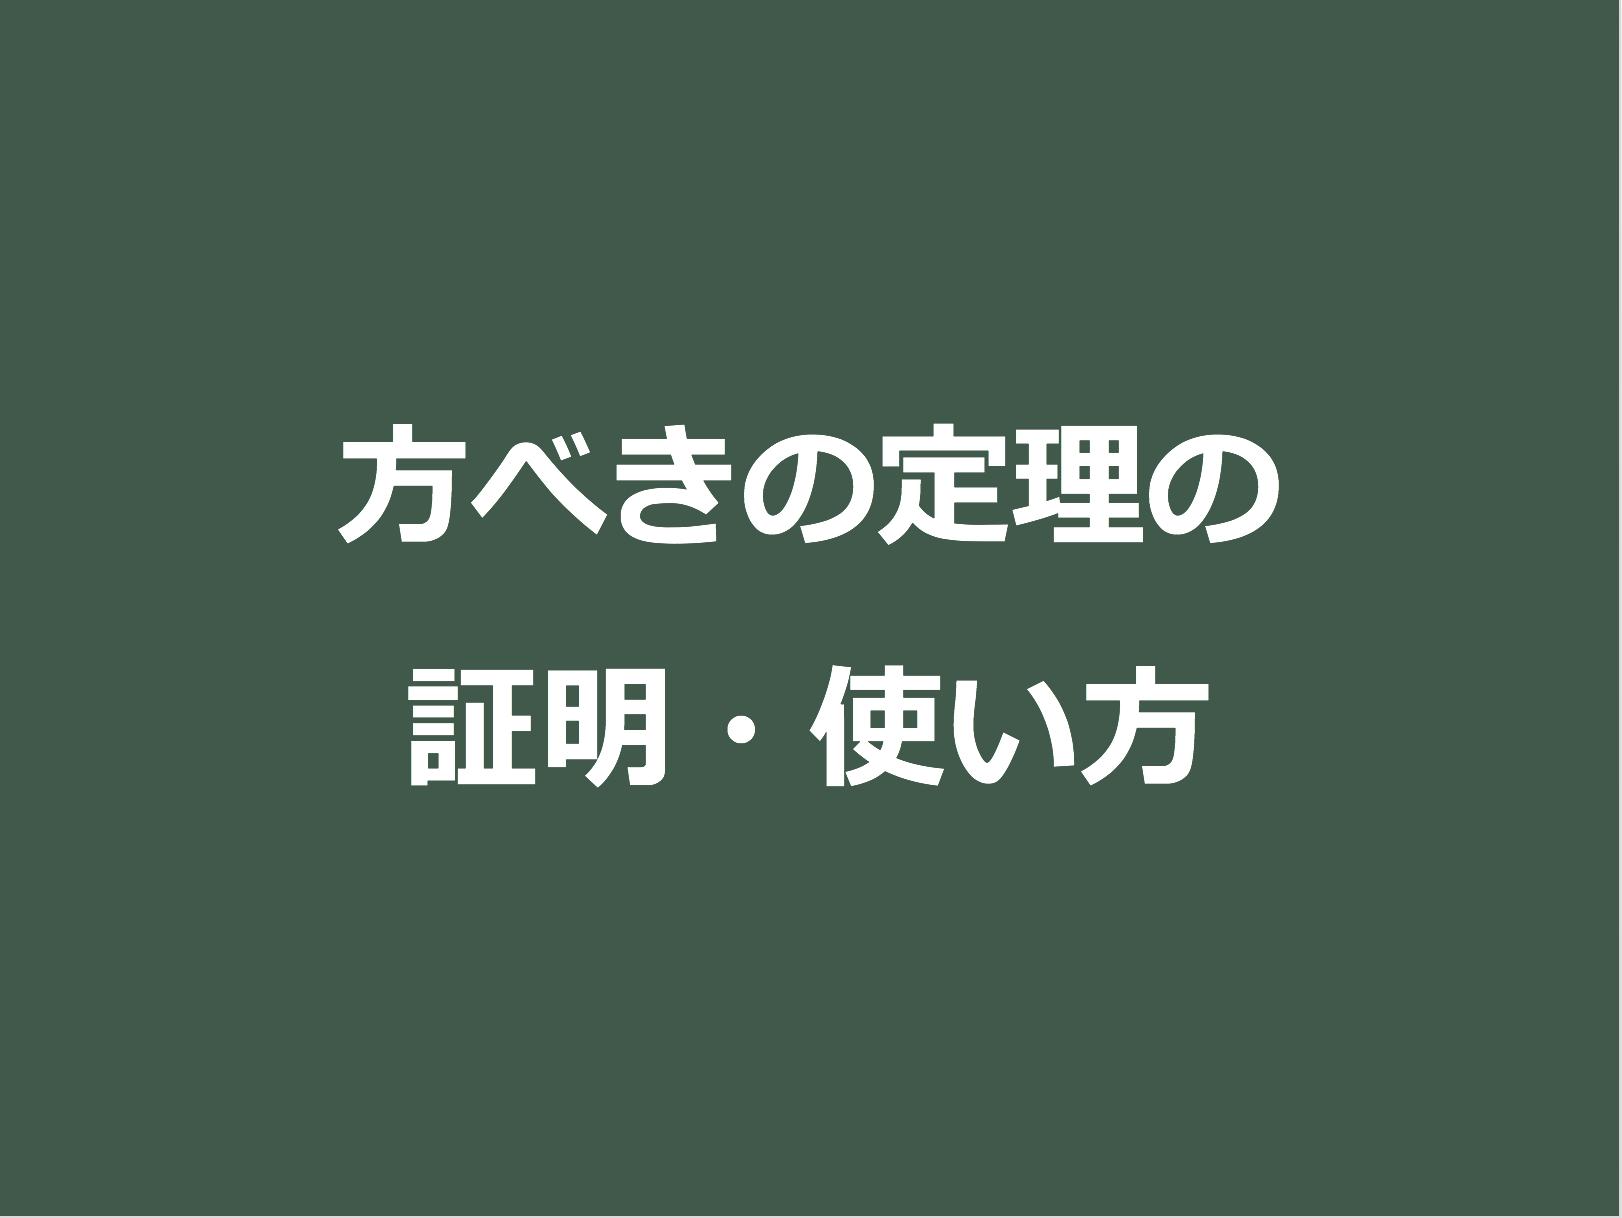 スクリーンショット 2017-06-03 17.28.11